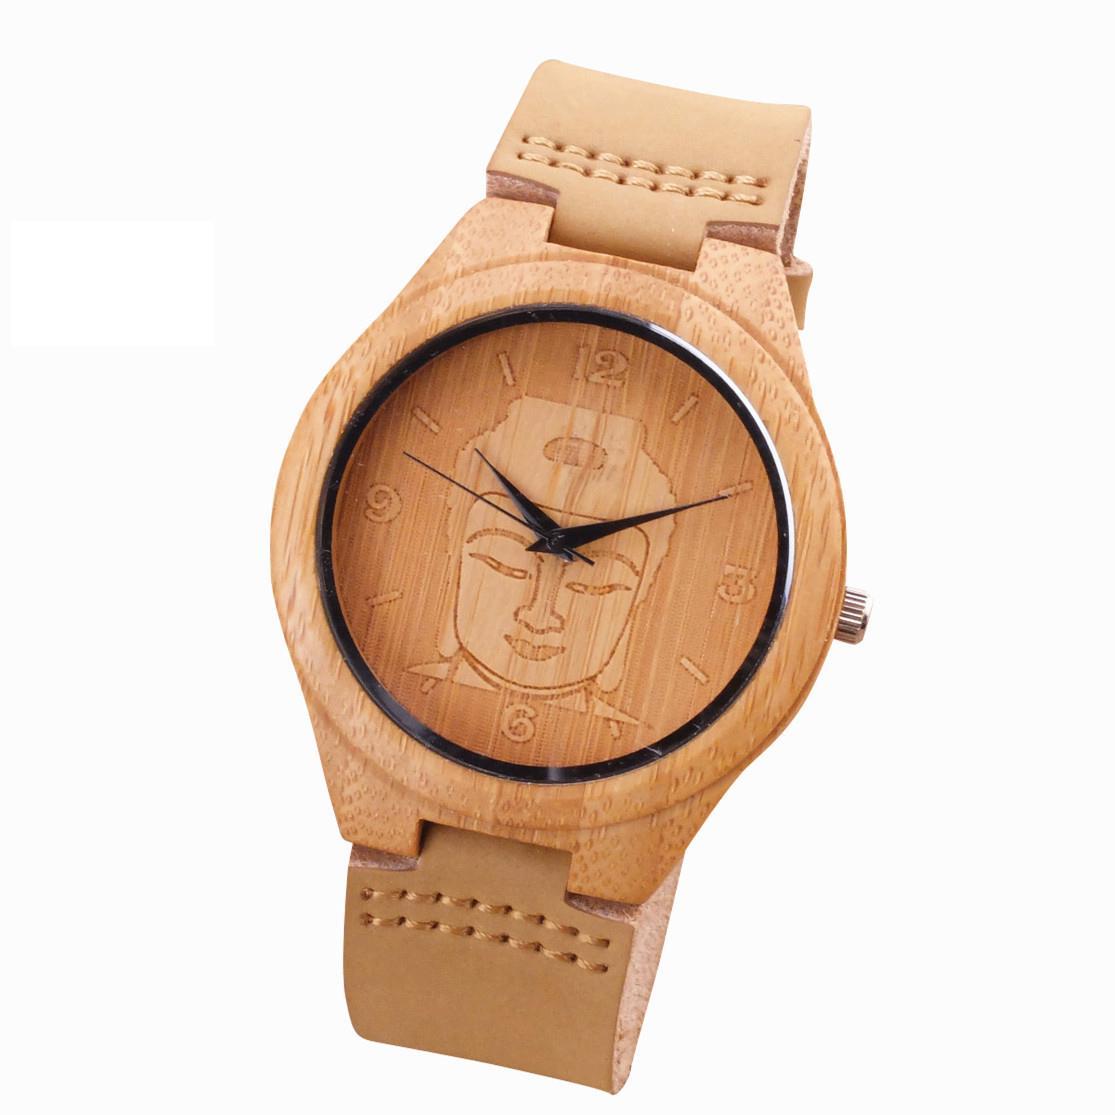 eaf8e0a5cdf Compre 2018 Relógio De Madeira De Bambu Minimalista Buda Pulseira De Couro  Genuíno Pulseira De Madeira Da Natureza Relógio De Pulso Unisex Reloj Hombre  ...